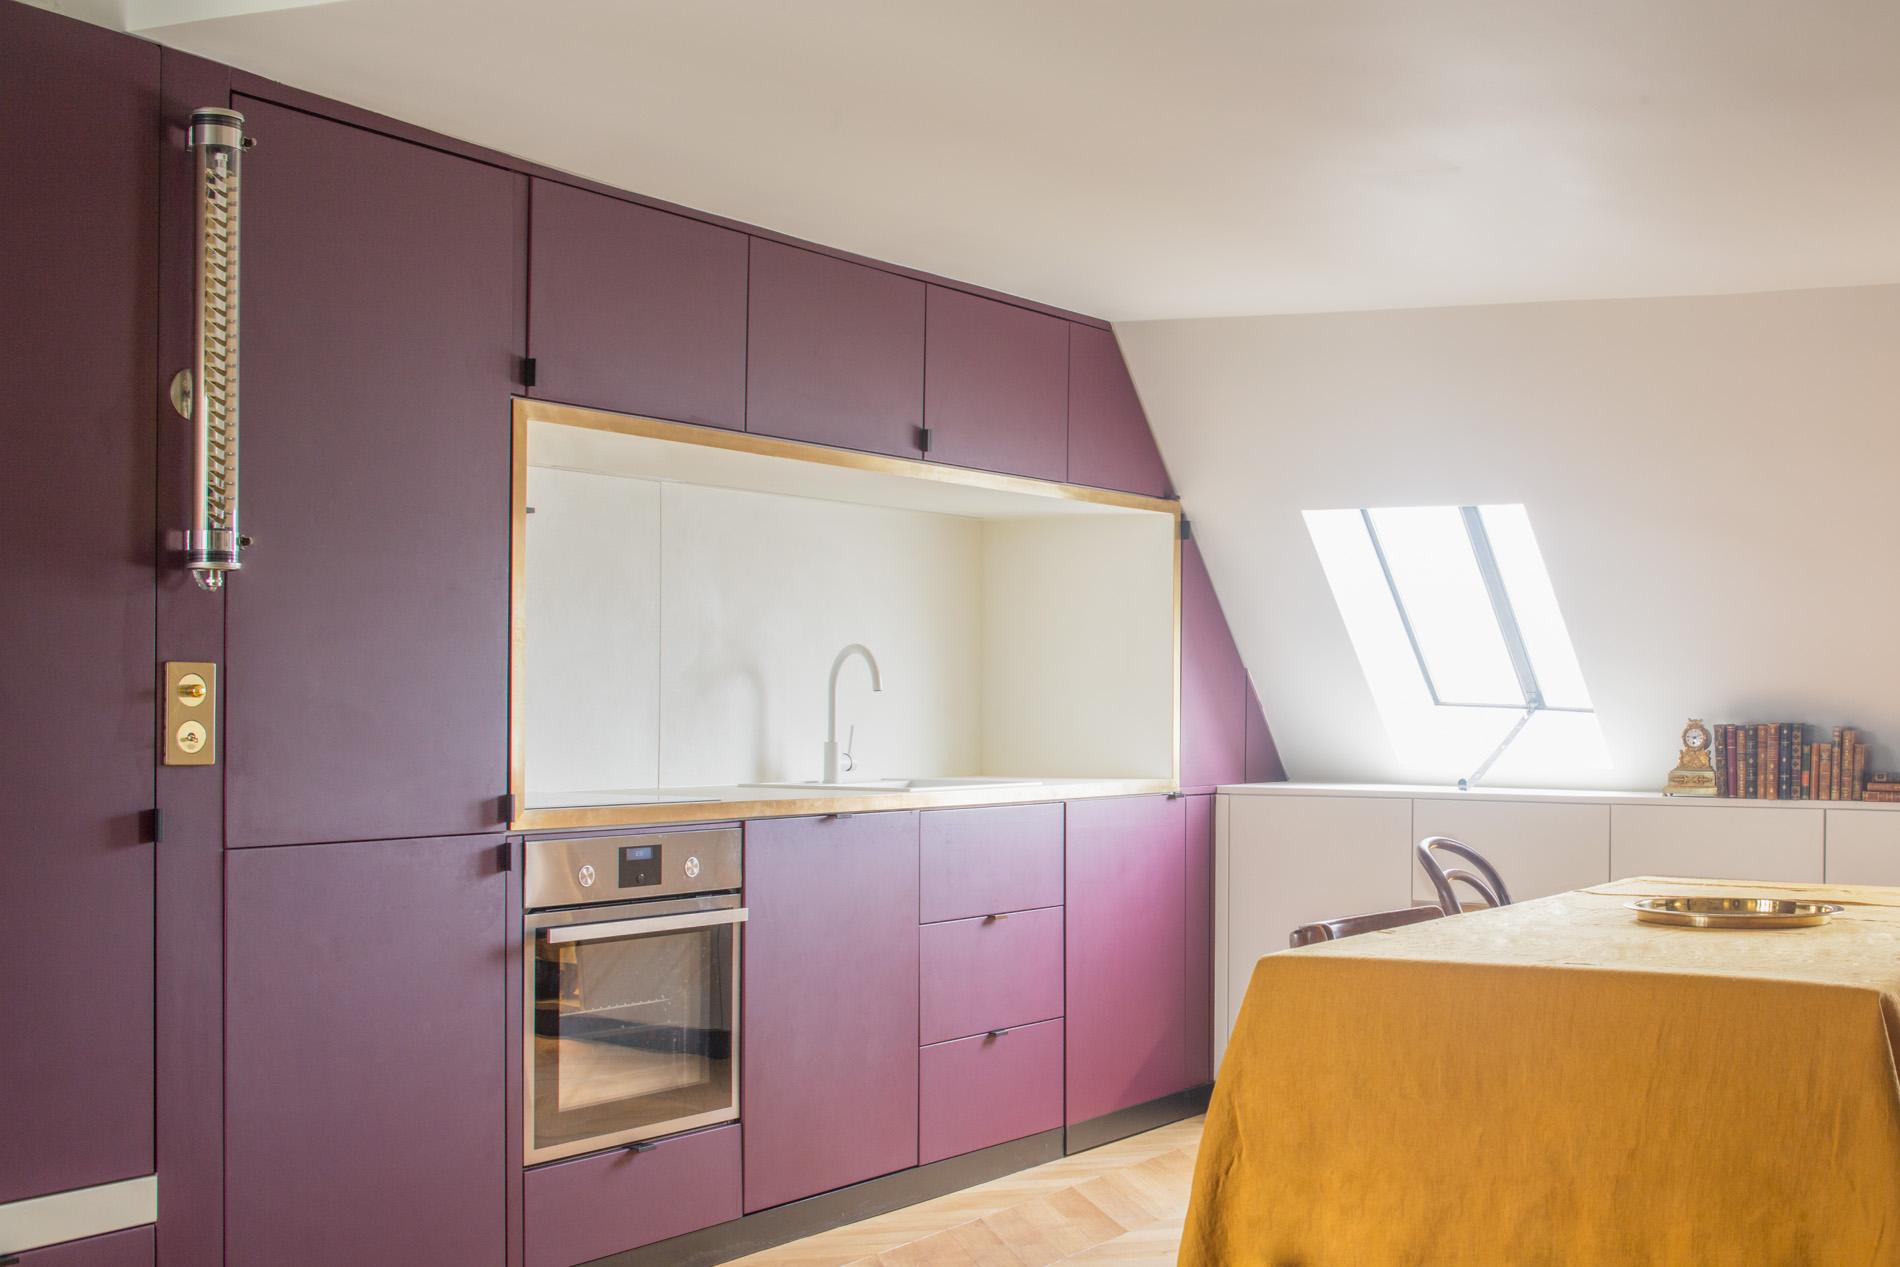 ban architecture renovation appartement paris interieur haussmannien combles comble or-laiton grands boulevards 4